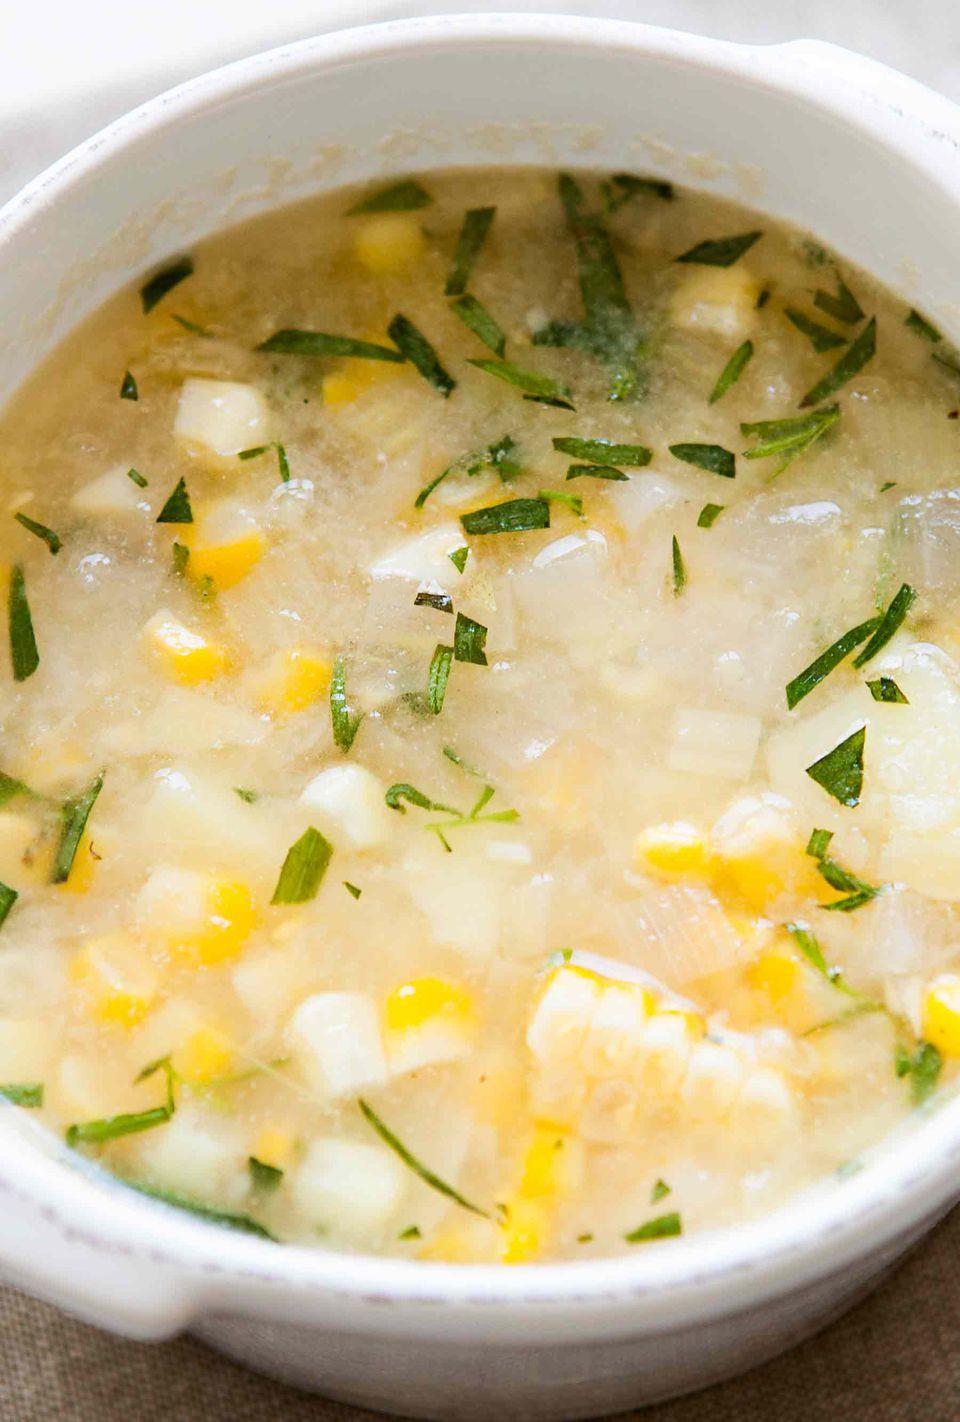 Tarragon Corn Chowder